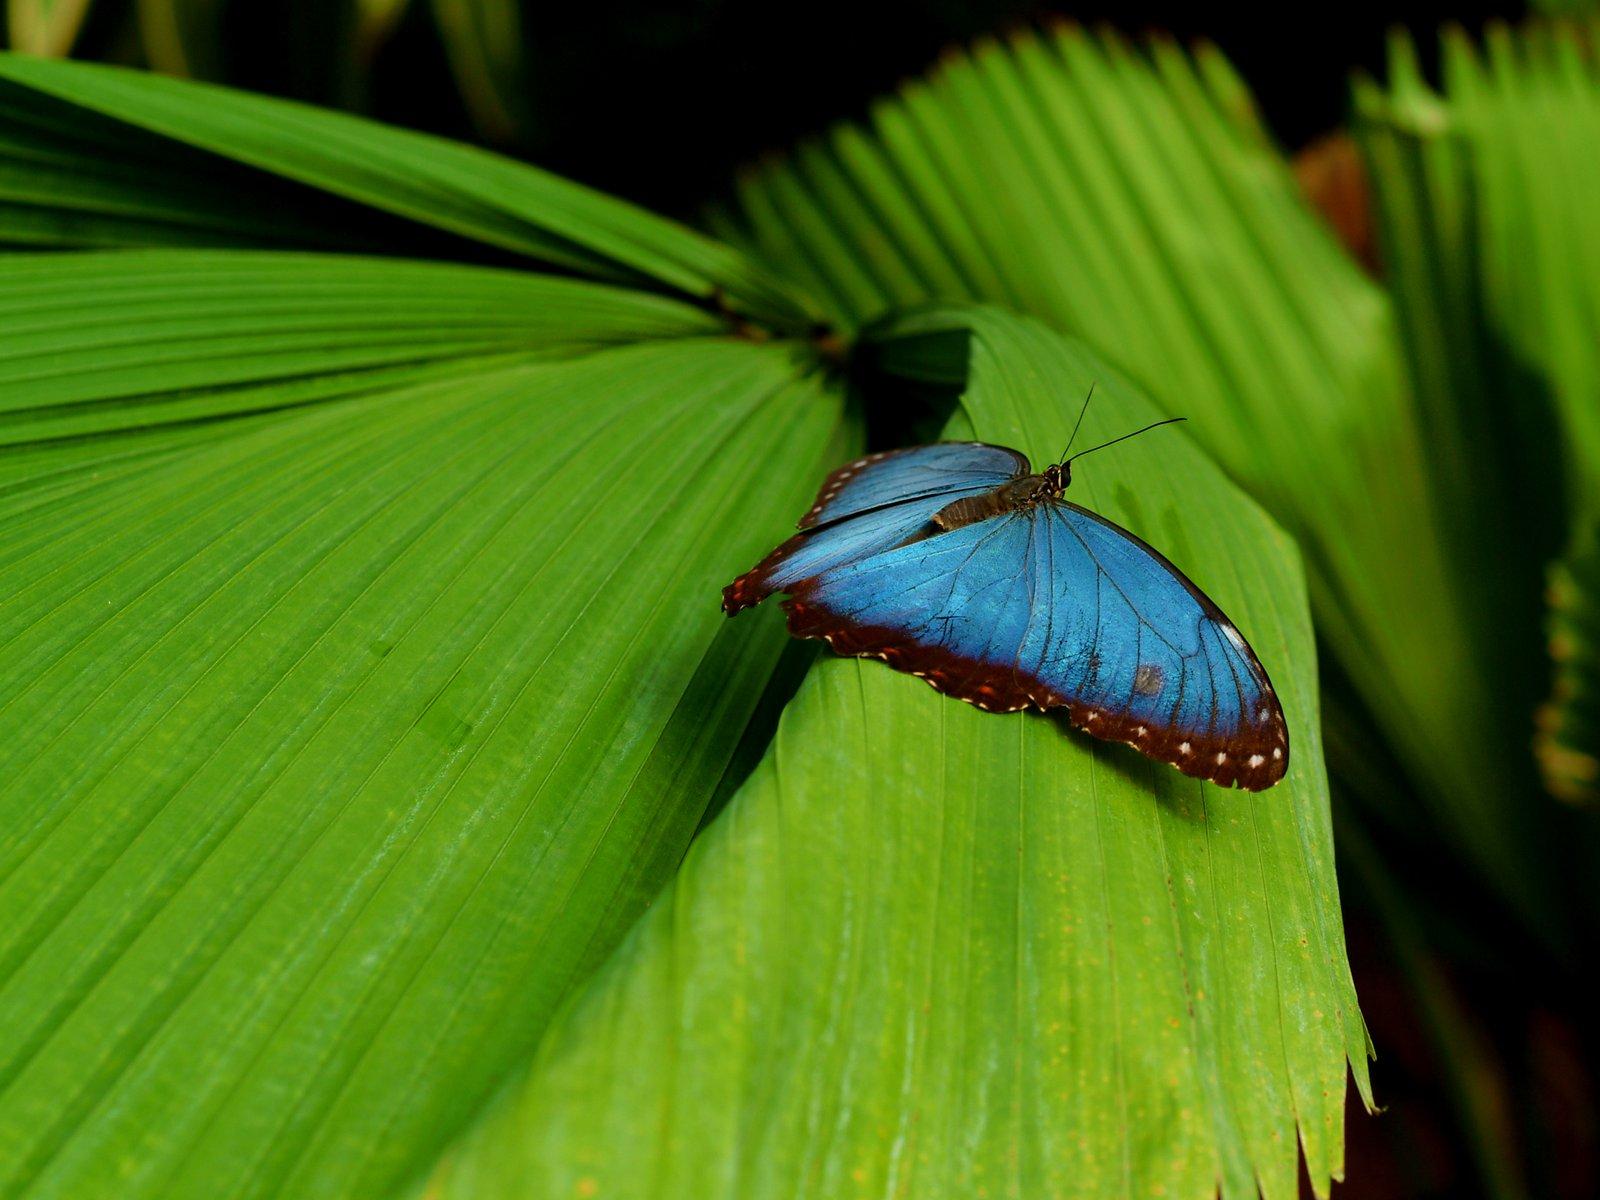 Je voudrais.... Edenpics-com_005-053-Papillon-Morpho-bleu-se-reposant-sur-une-feuille-Morpho-peleides-Suisse